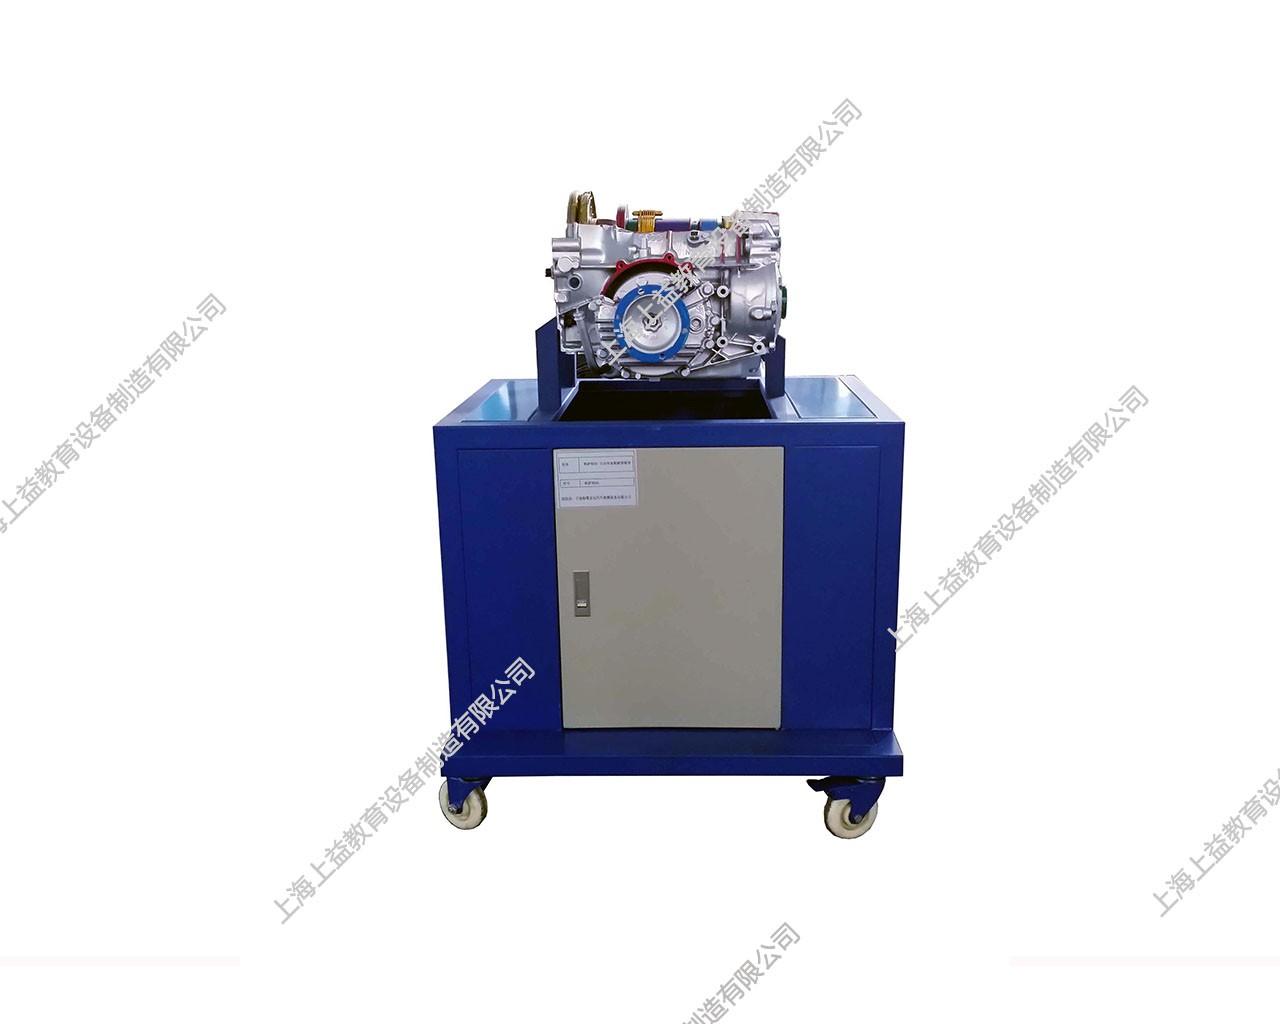 帕萨特B5自动变速器解剖模型(带展示柜)